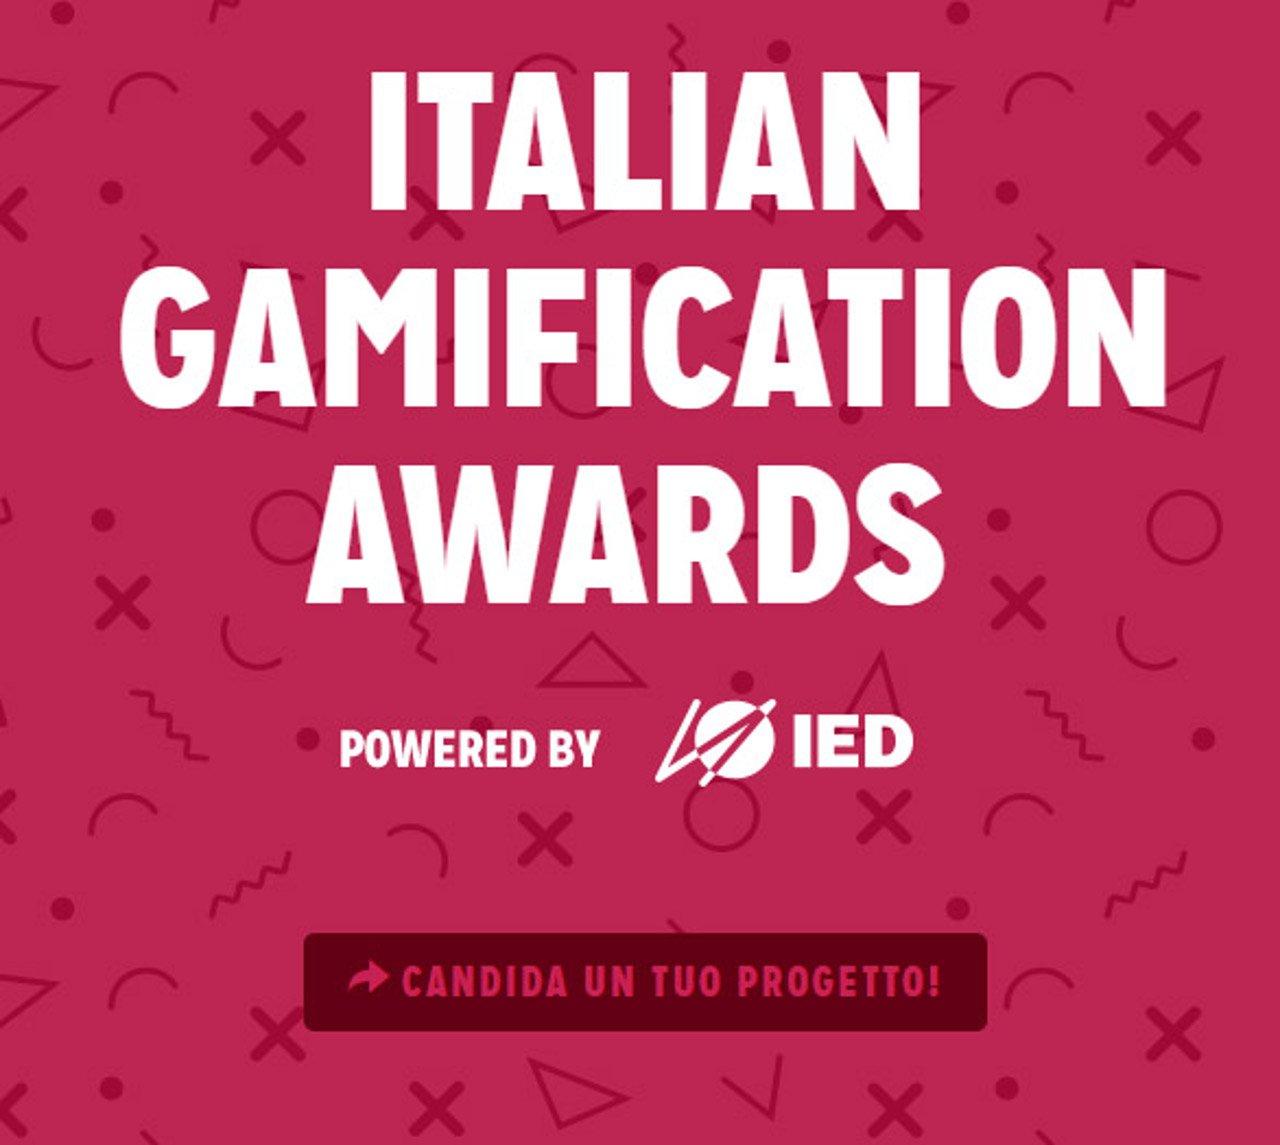 IED Milano annuncia gli Italian Gamification Awards